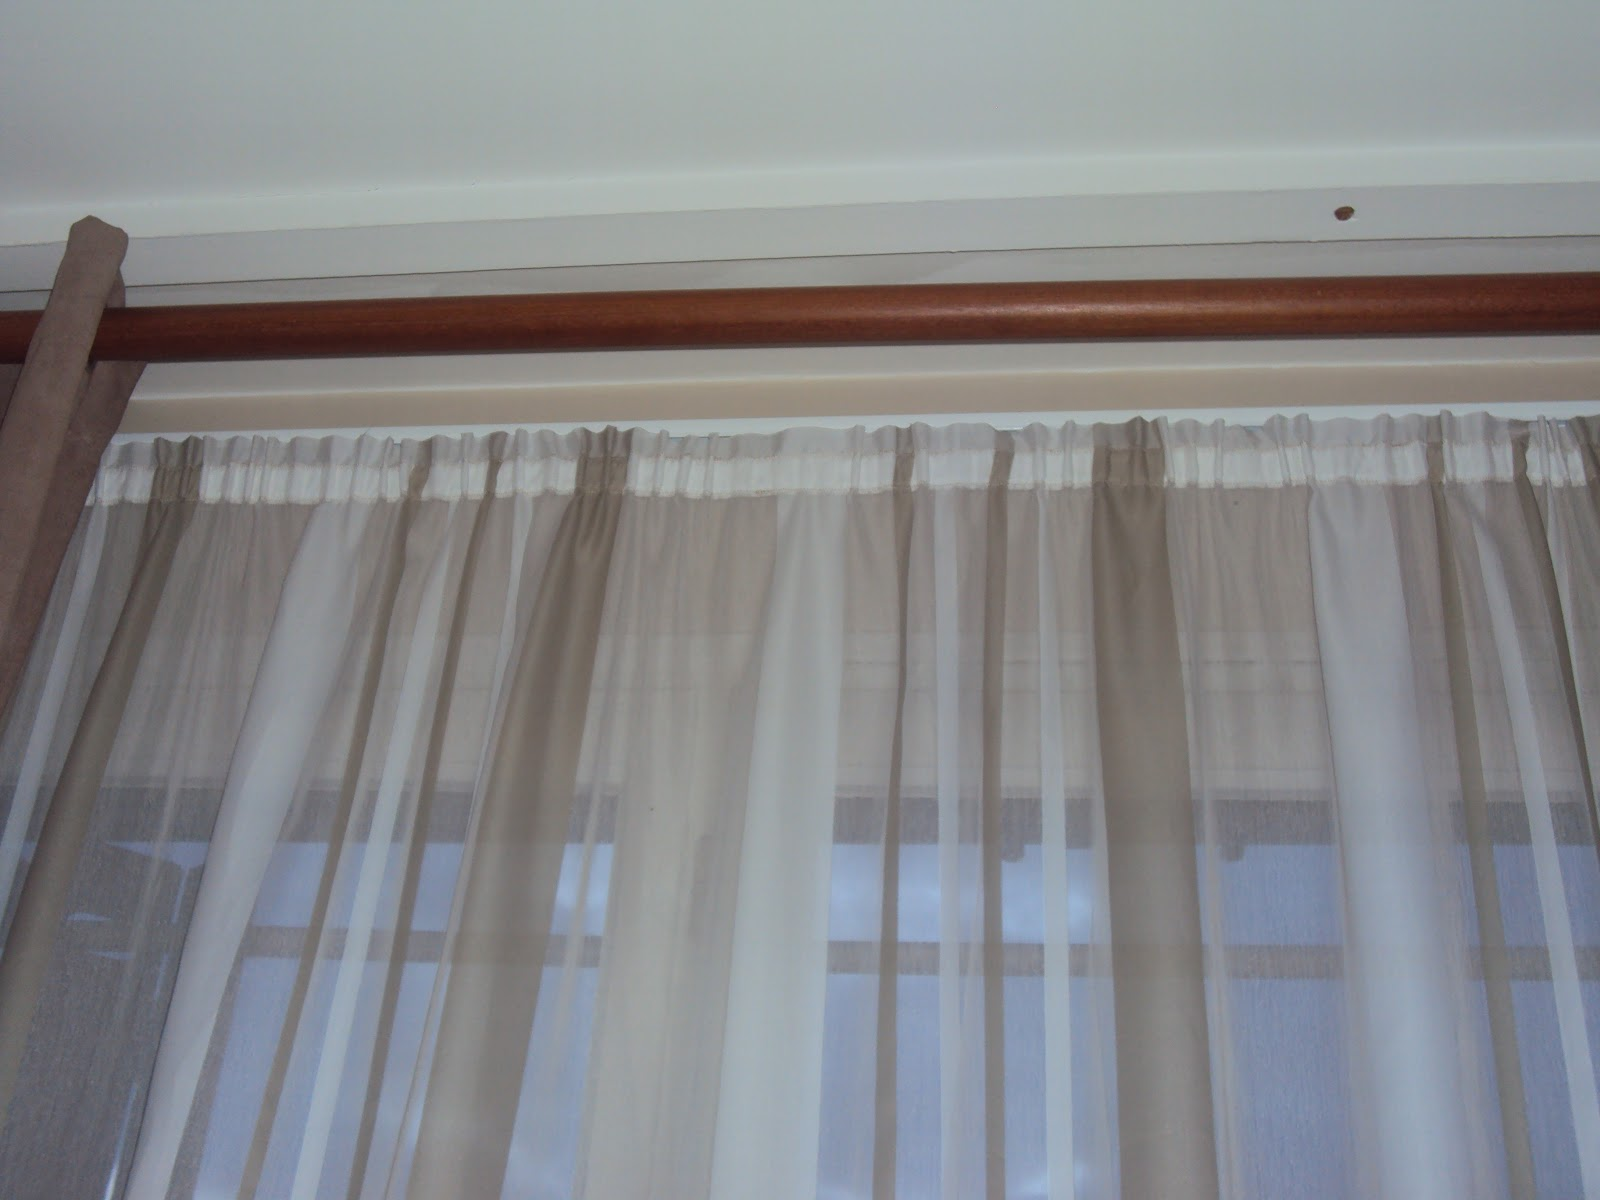 rideau avec ruflette rideau voilage antifeu m1 ruflette grande largeur et hauteur 300 x 290 cm. Black Bedroom Furniture Sets. Home Design Ideas